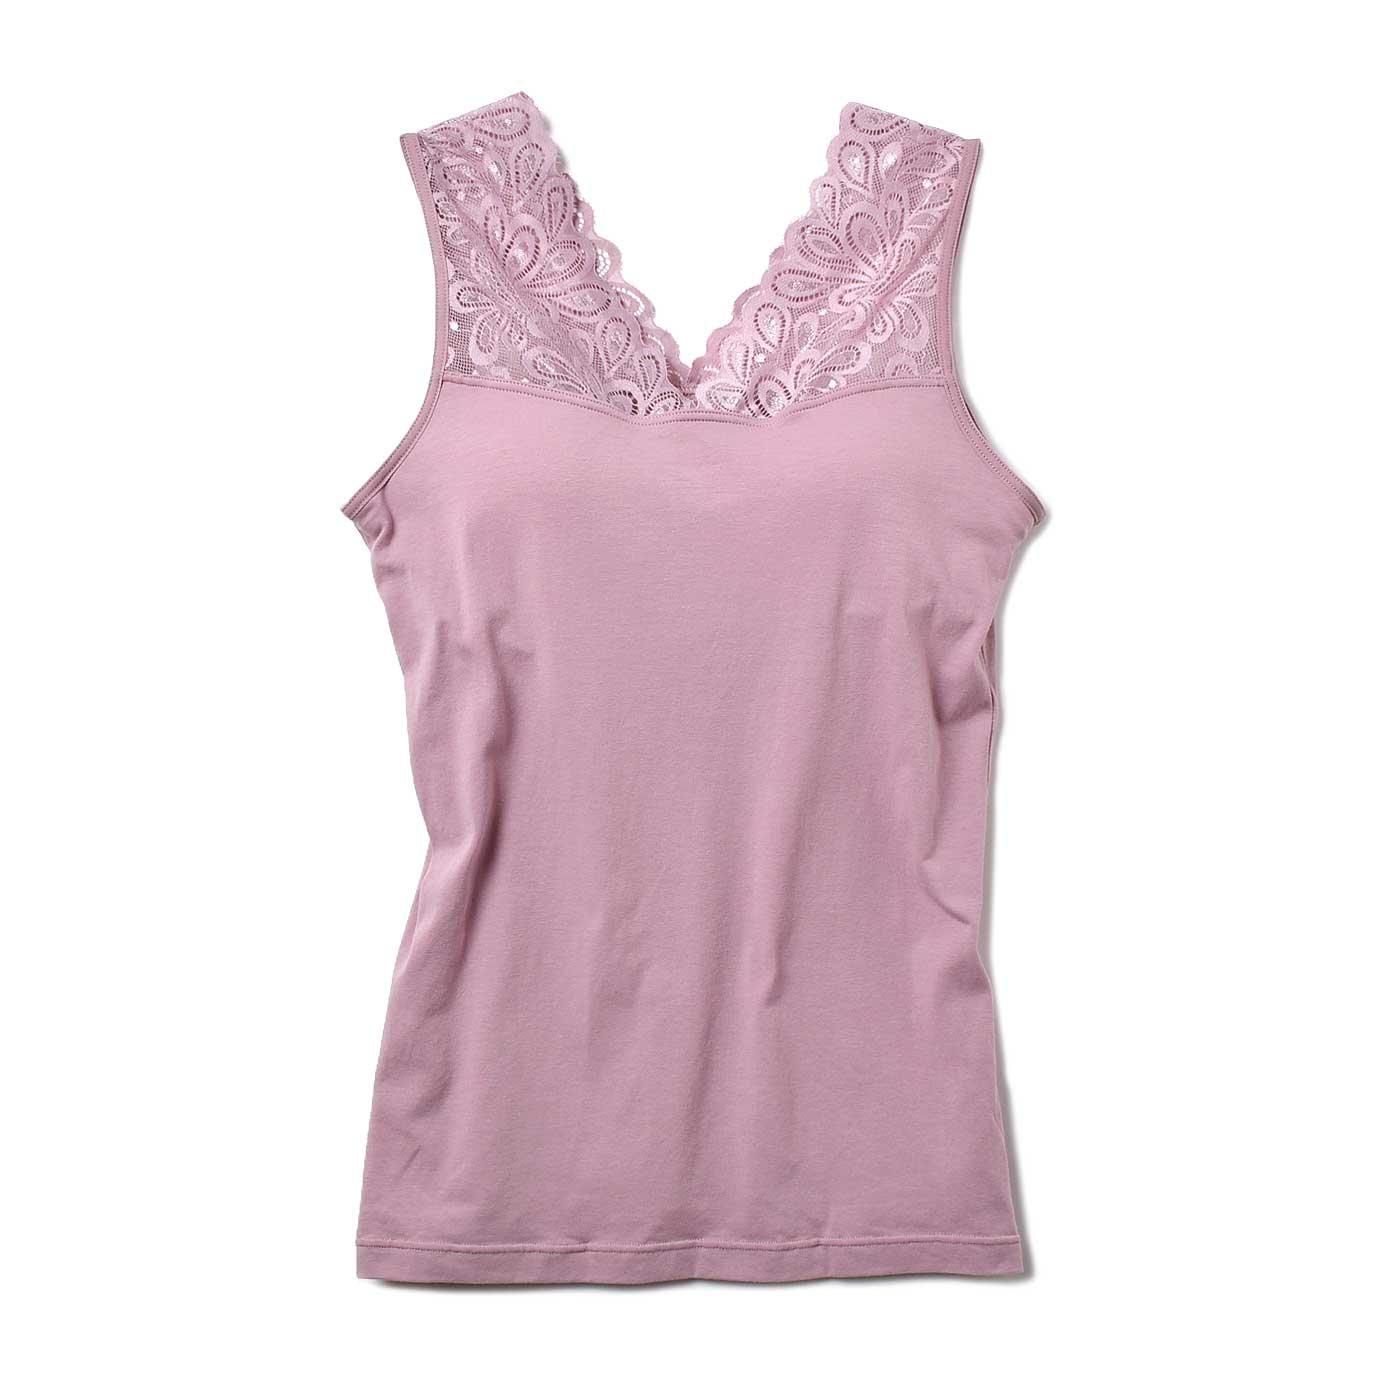 美胸ラインもかなう 重ね着美人の華やかレースブラインナー〈ダークピンク〉